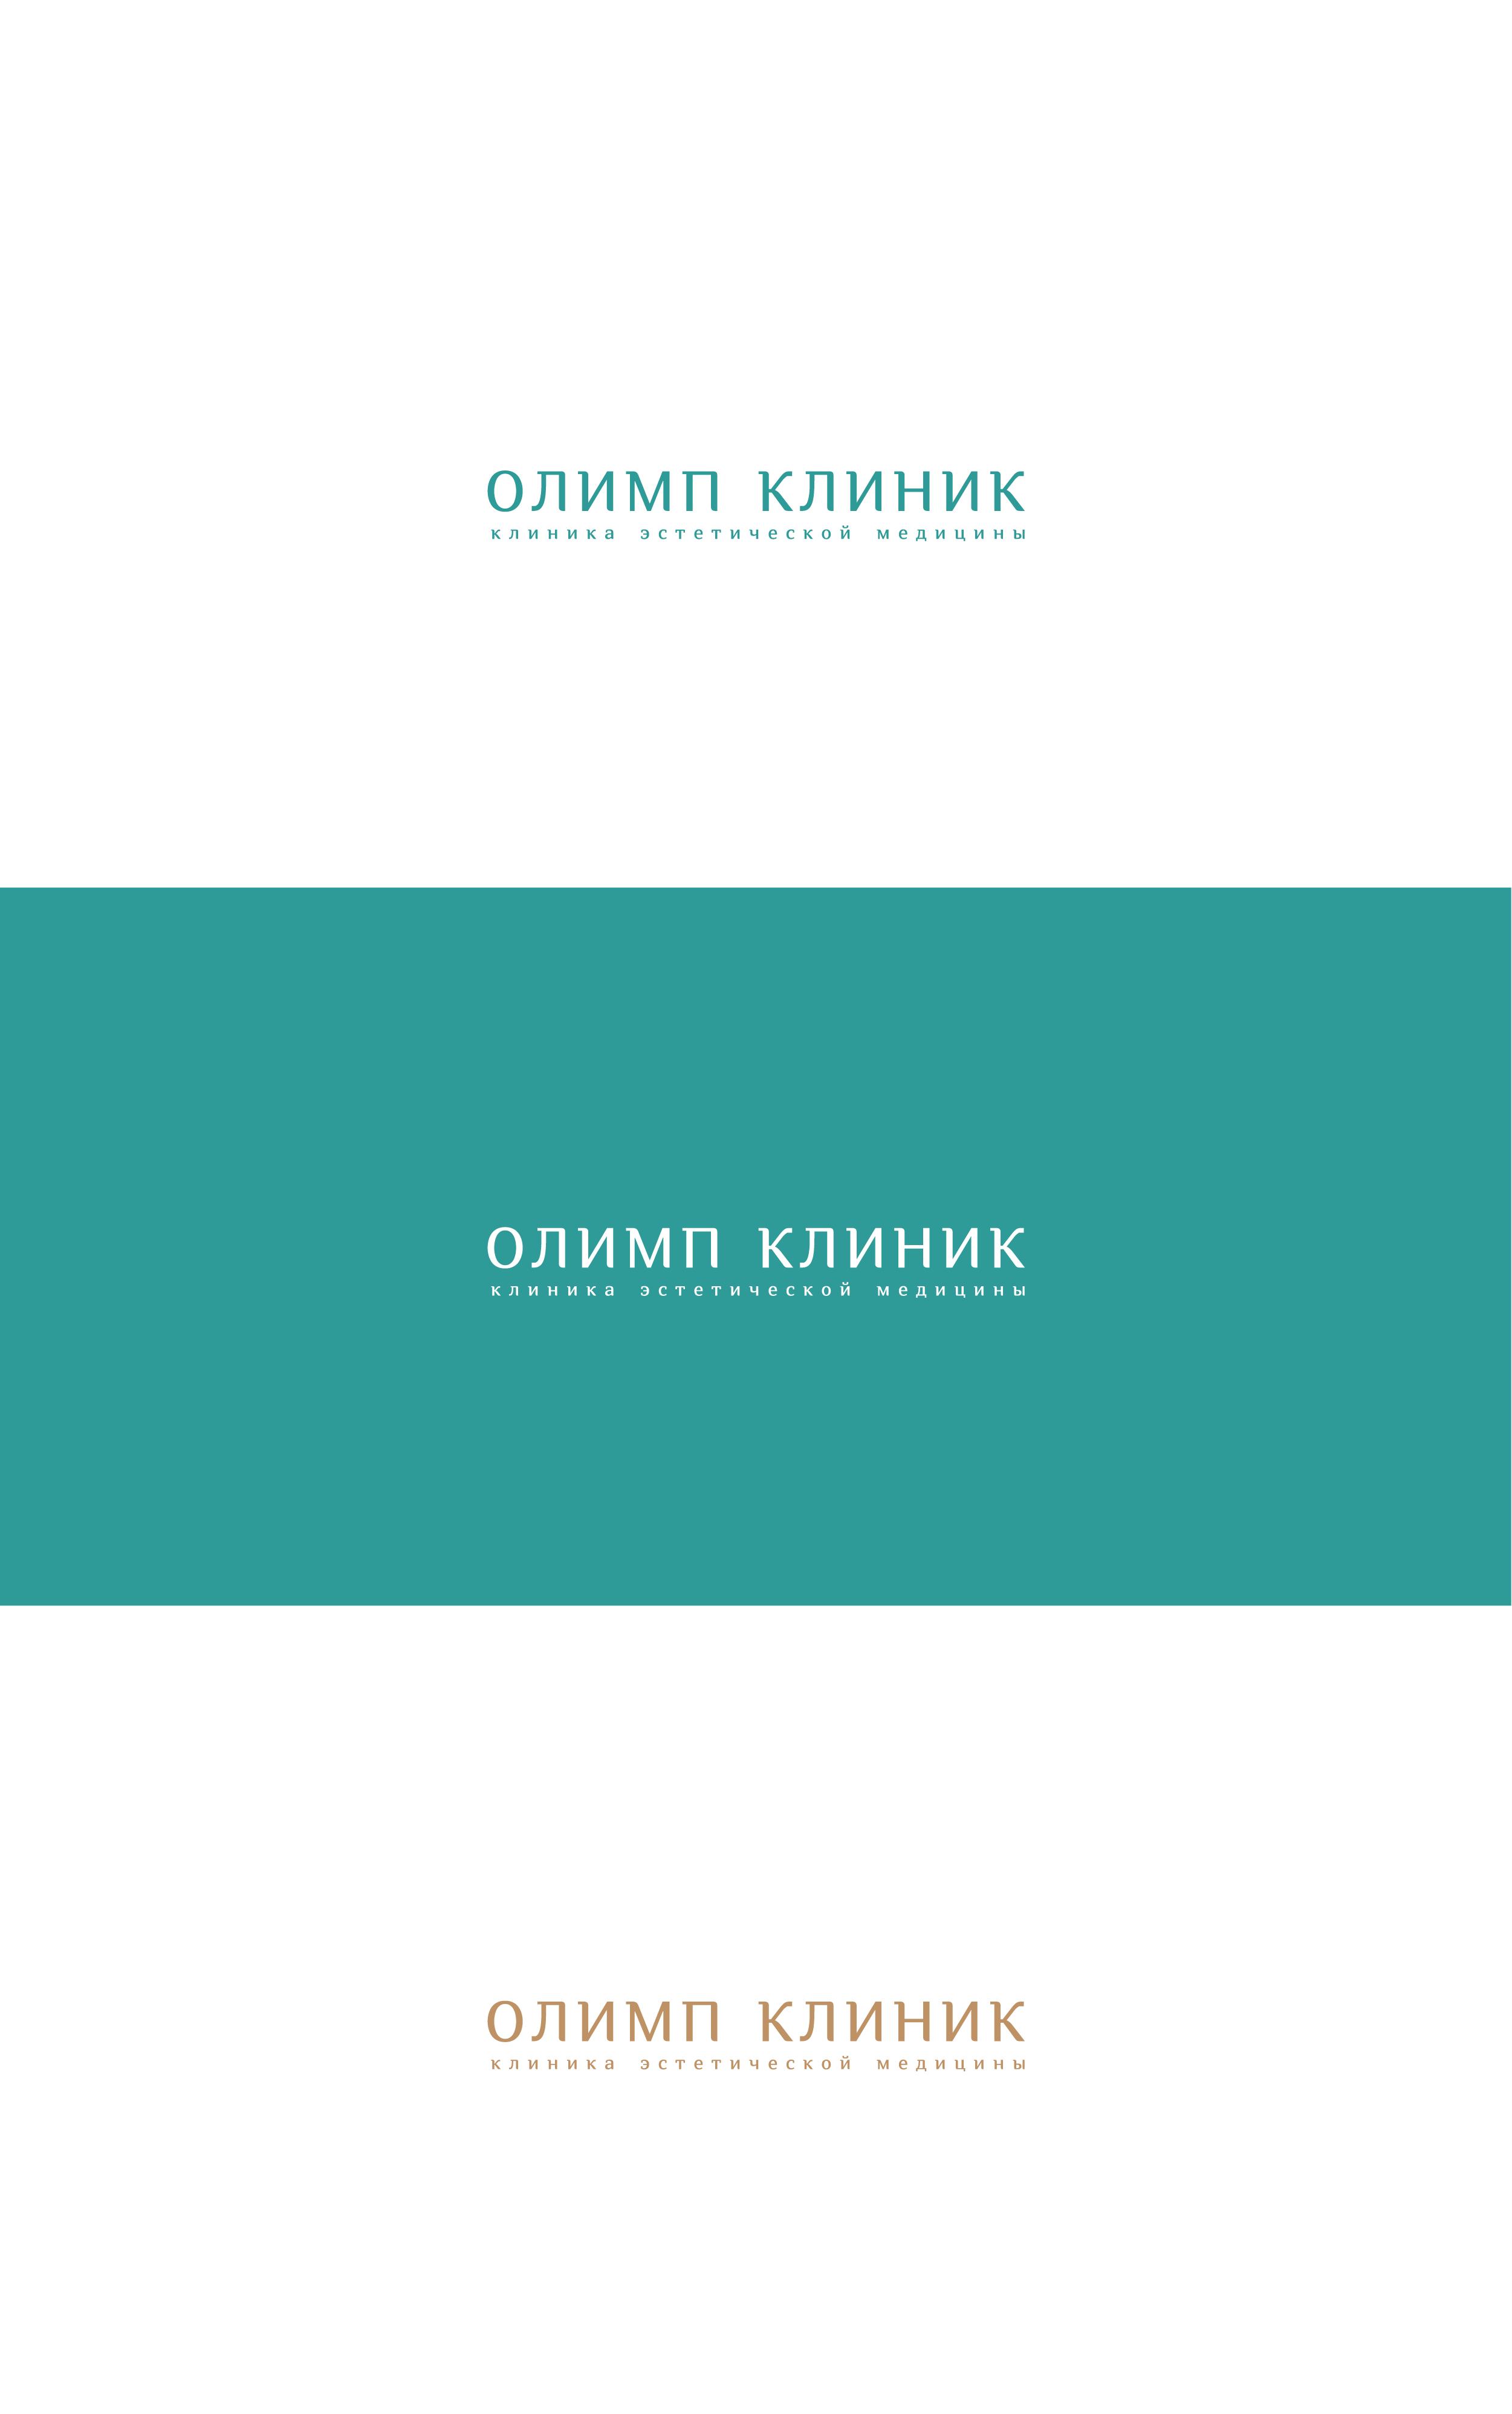 Разработка логотипа и впоследствии фирменного стиля фото f_3505f284610ad6a0.png